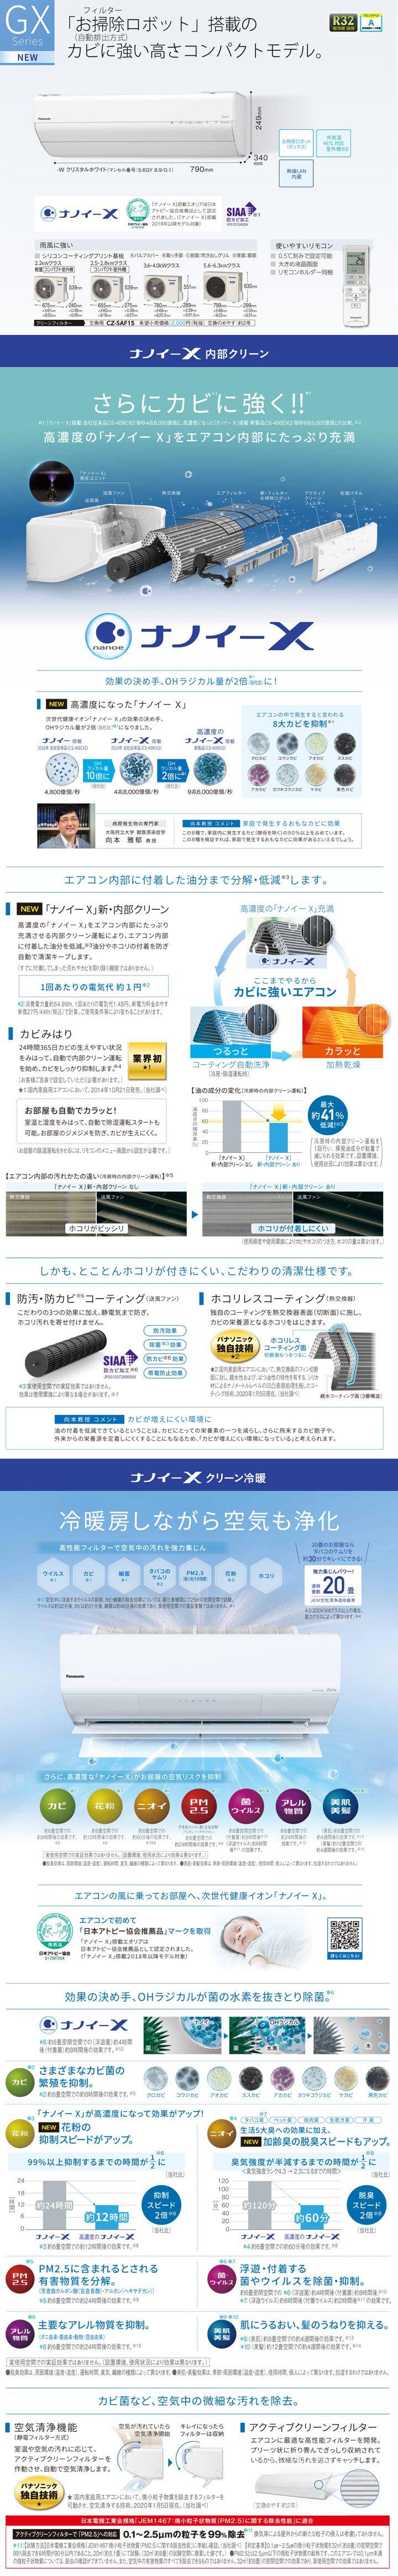 XCS-280DGX-W/Sカタログ